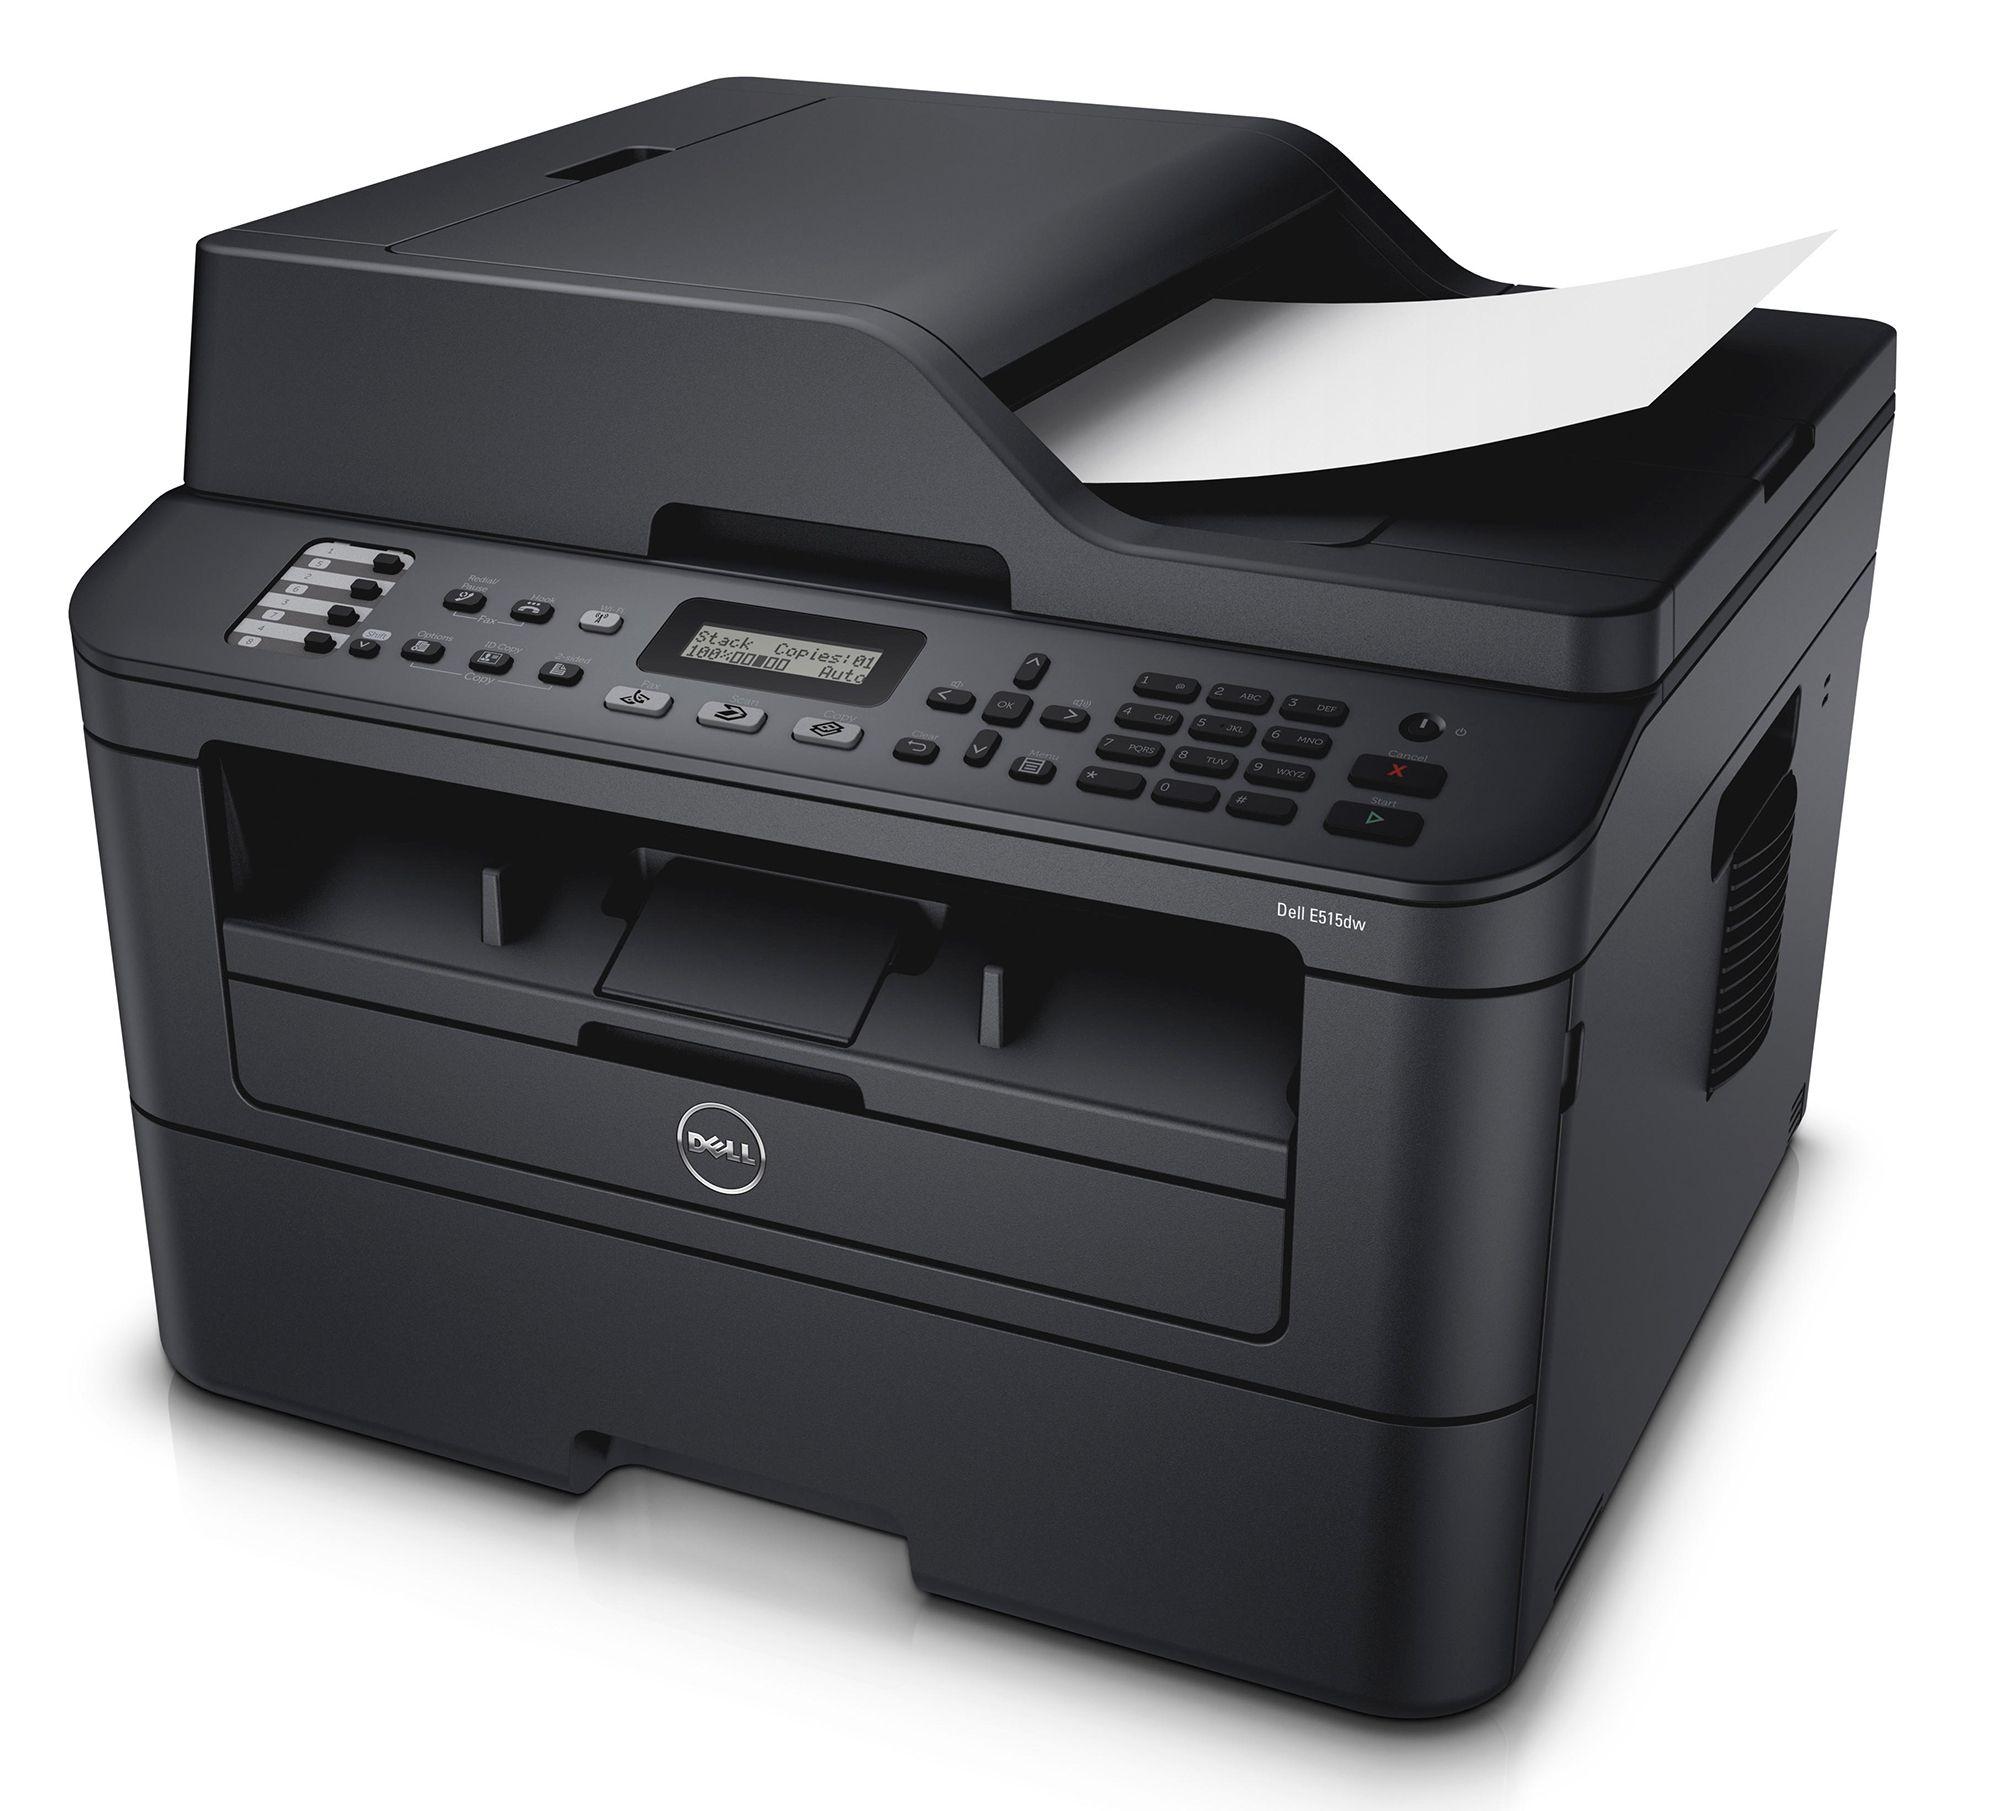 Dell E515dw Multifunction Monochrome Printer